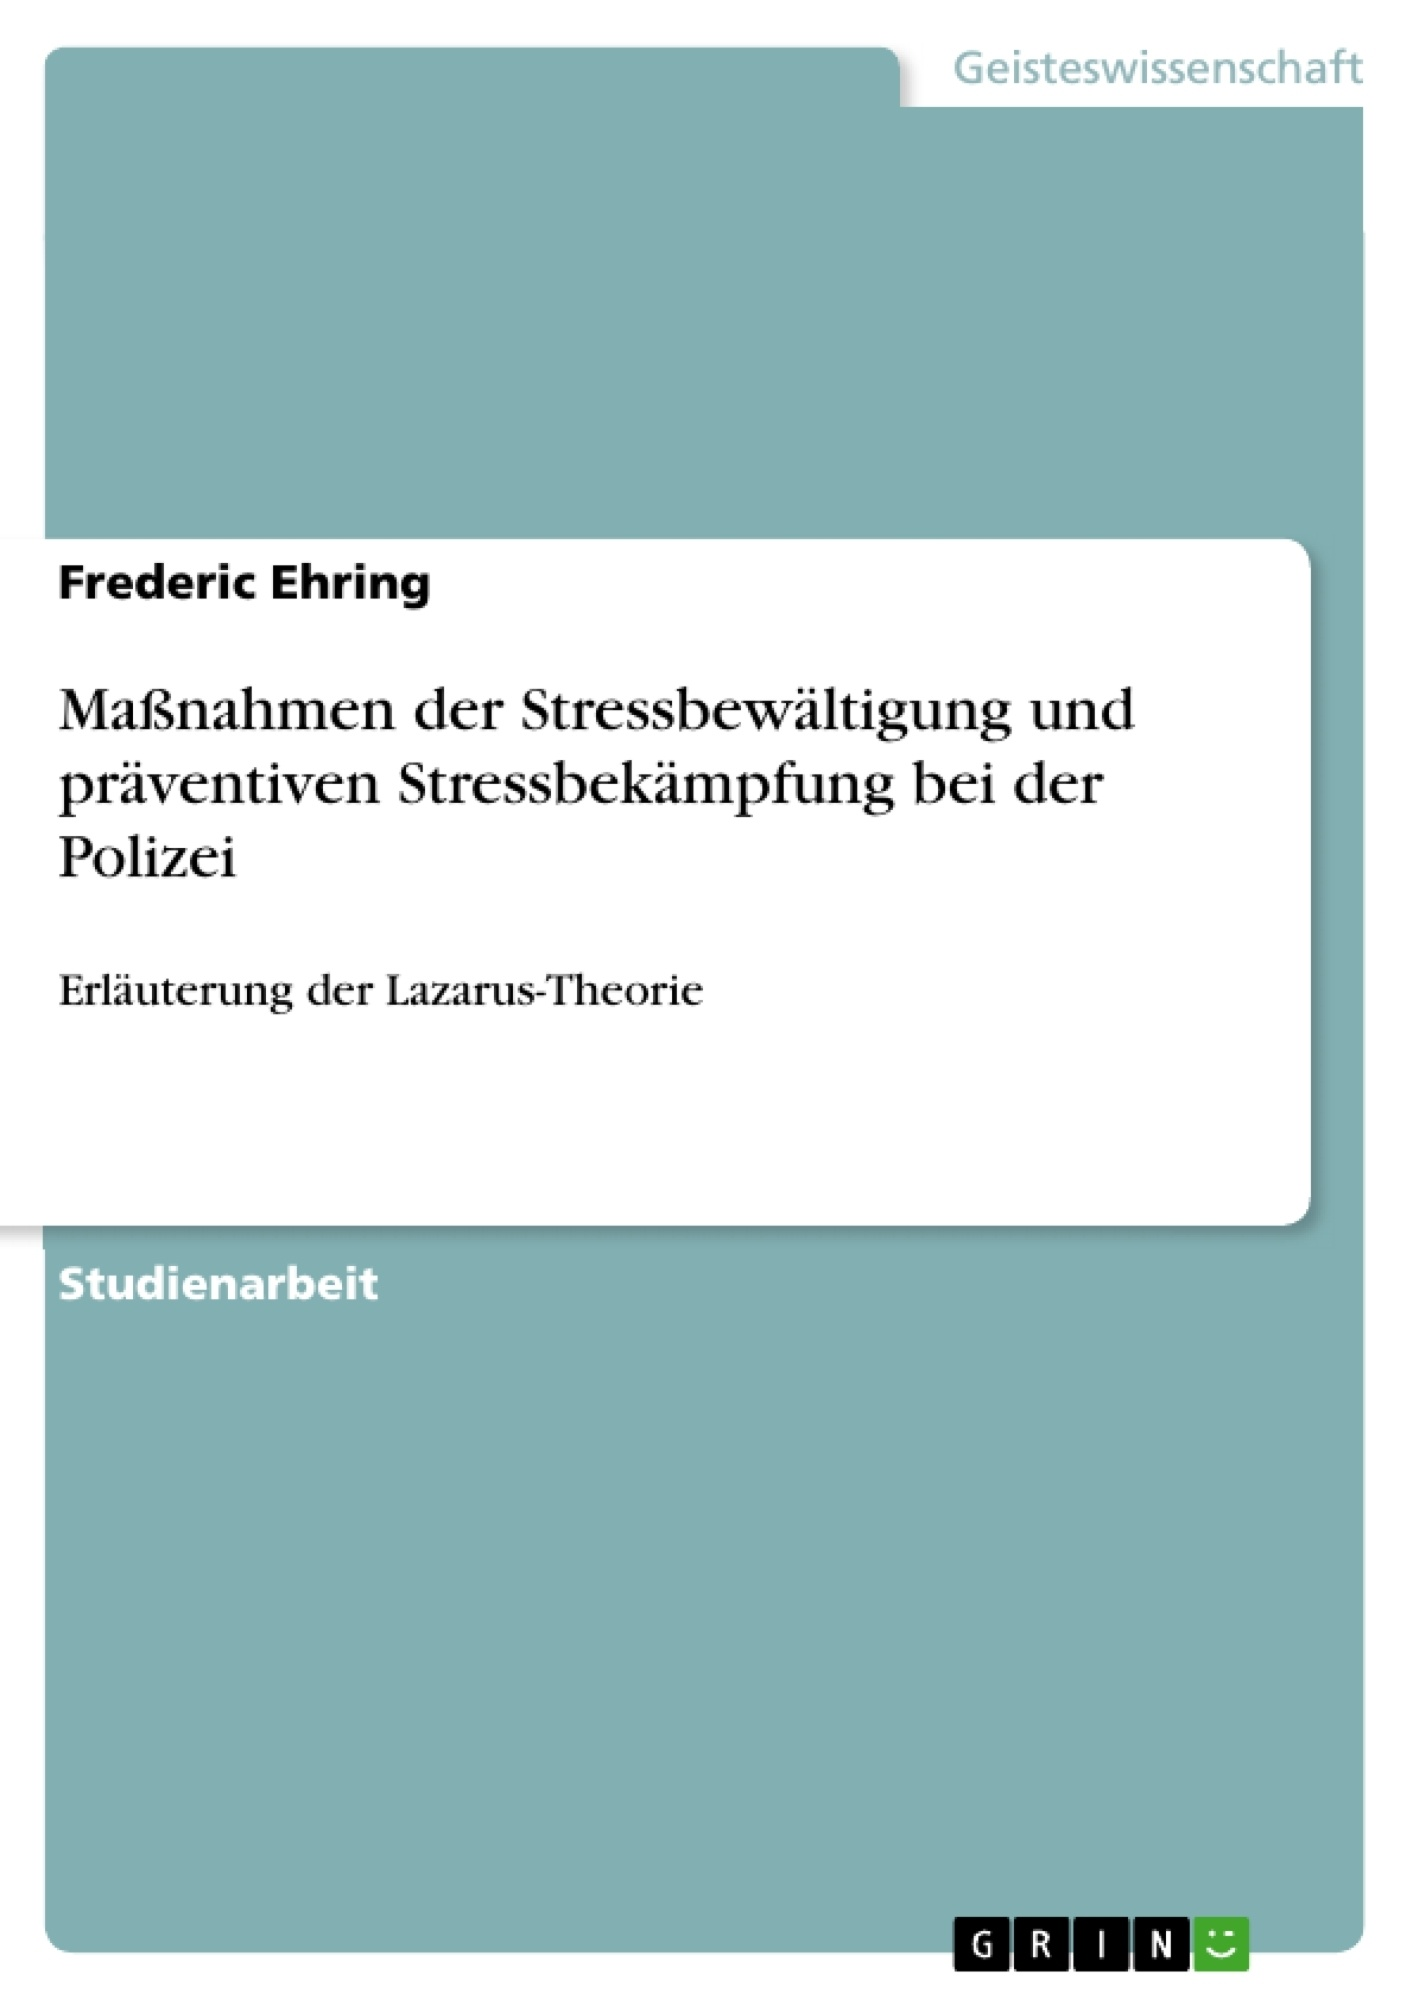 Titel: Maßnahmen der Stressbewältigung und präventiven Stressbekämpfung bei der Polizei